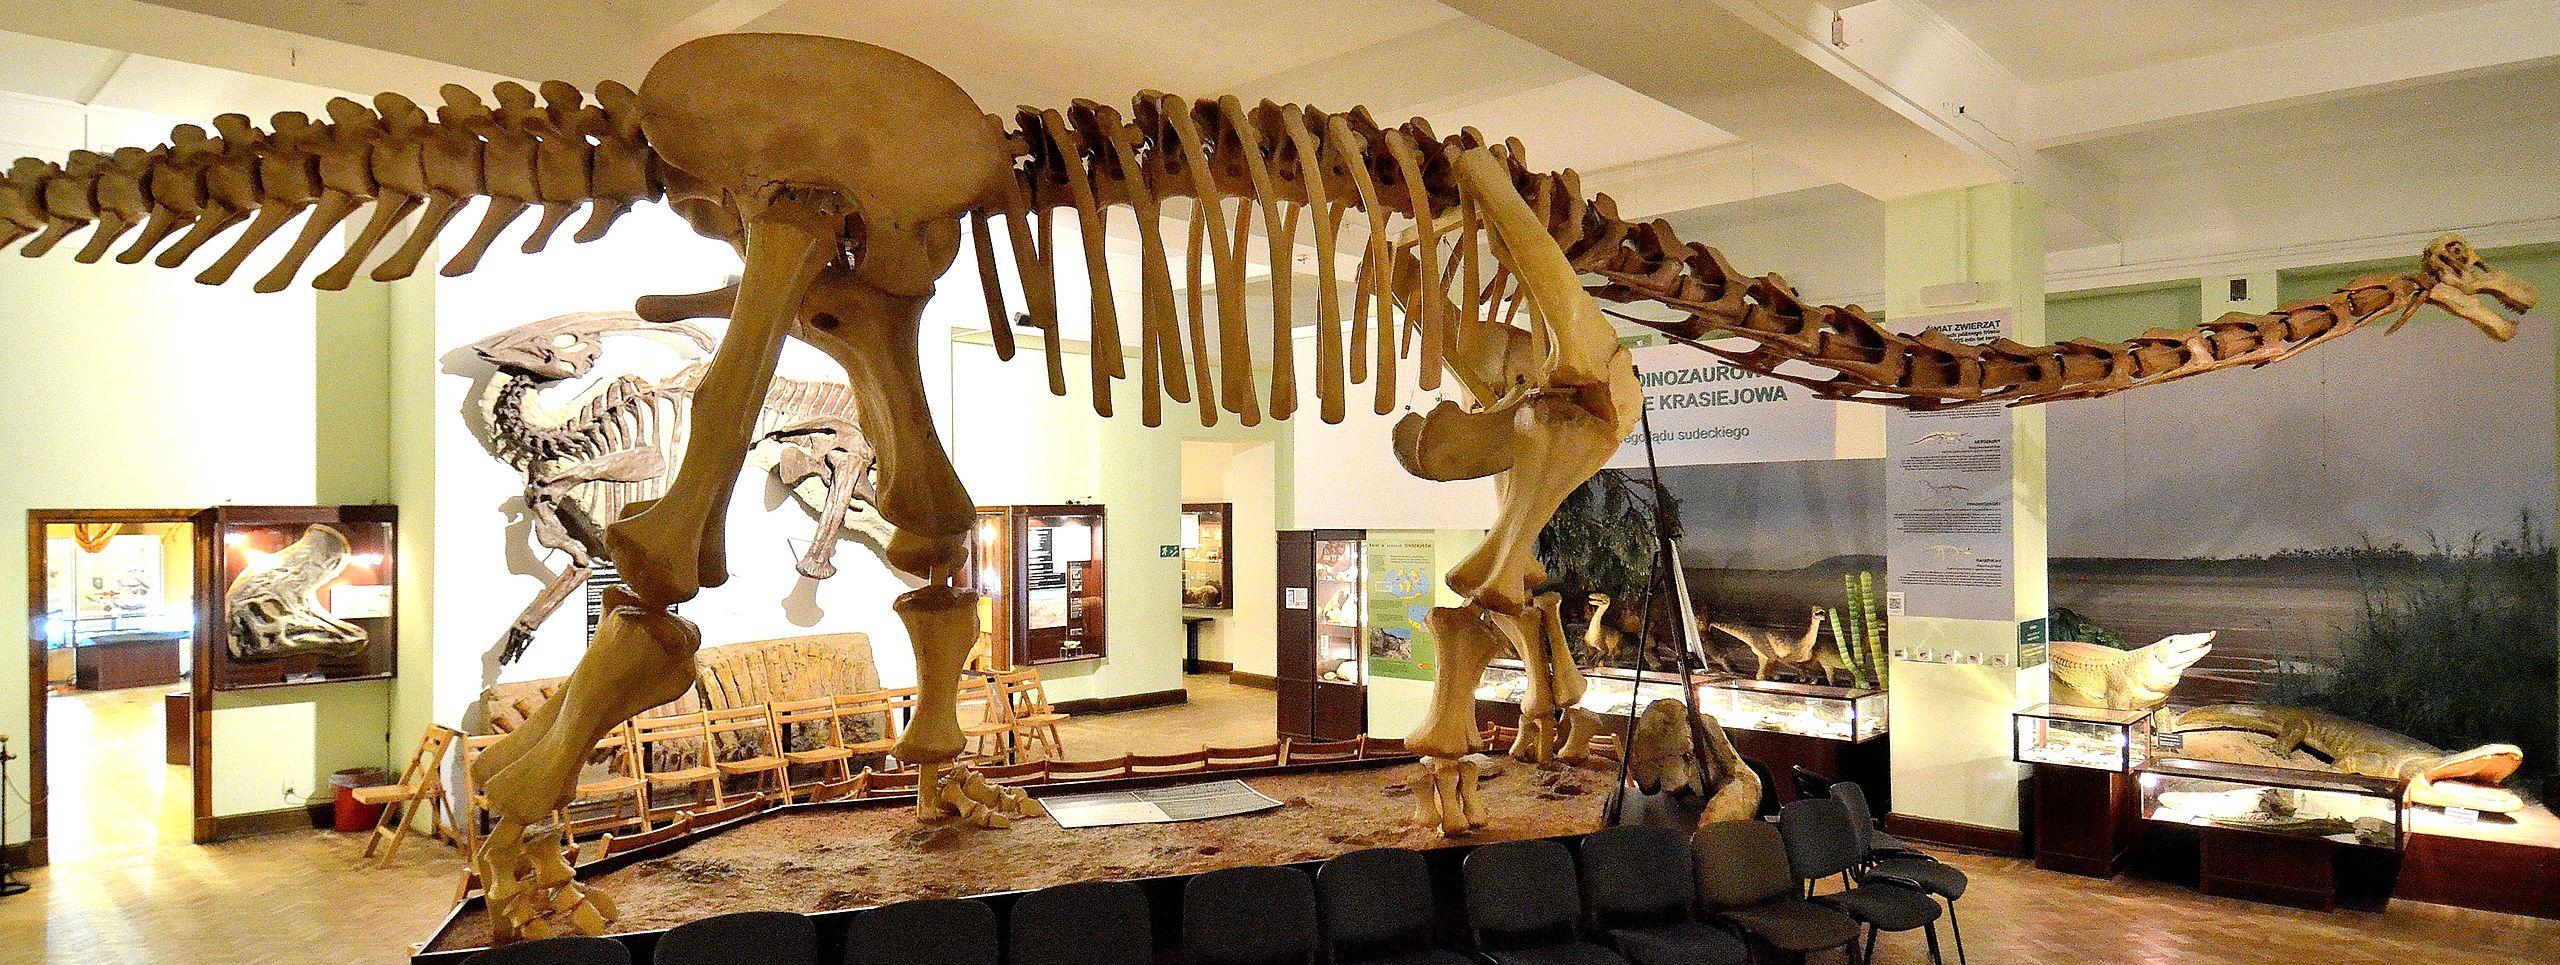 Opisthocoelicaudia Museum of Evolution in Warsaw 02.JPG